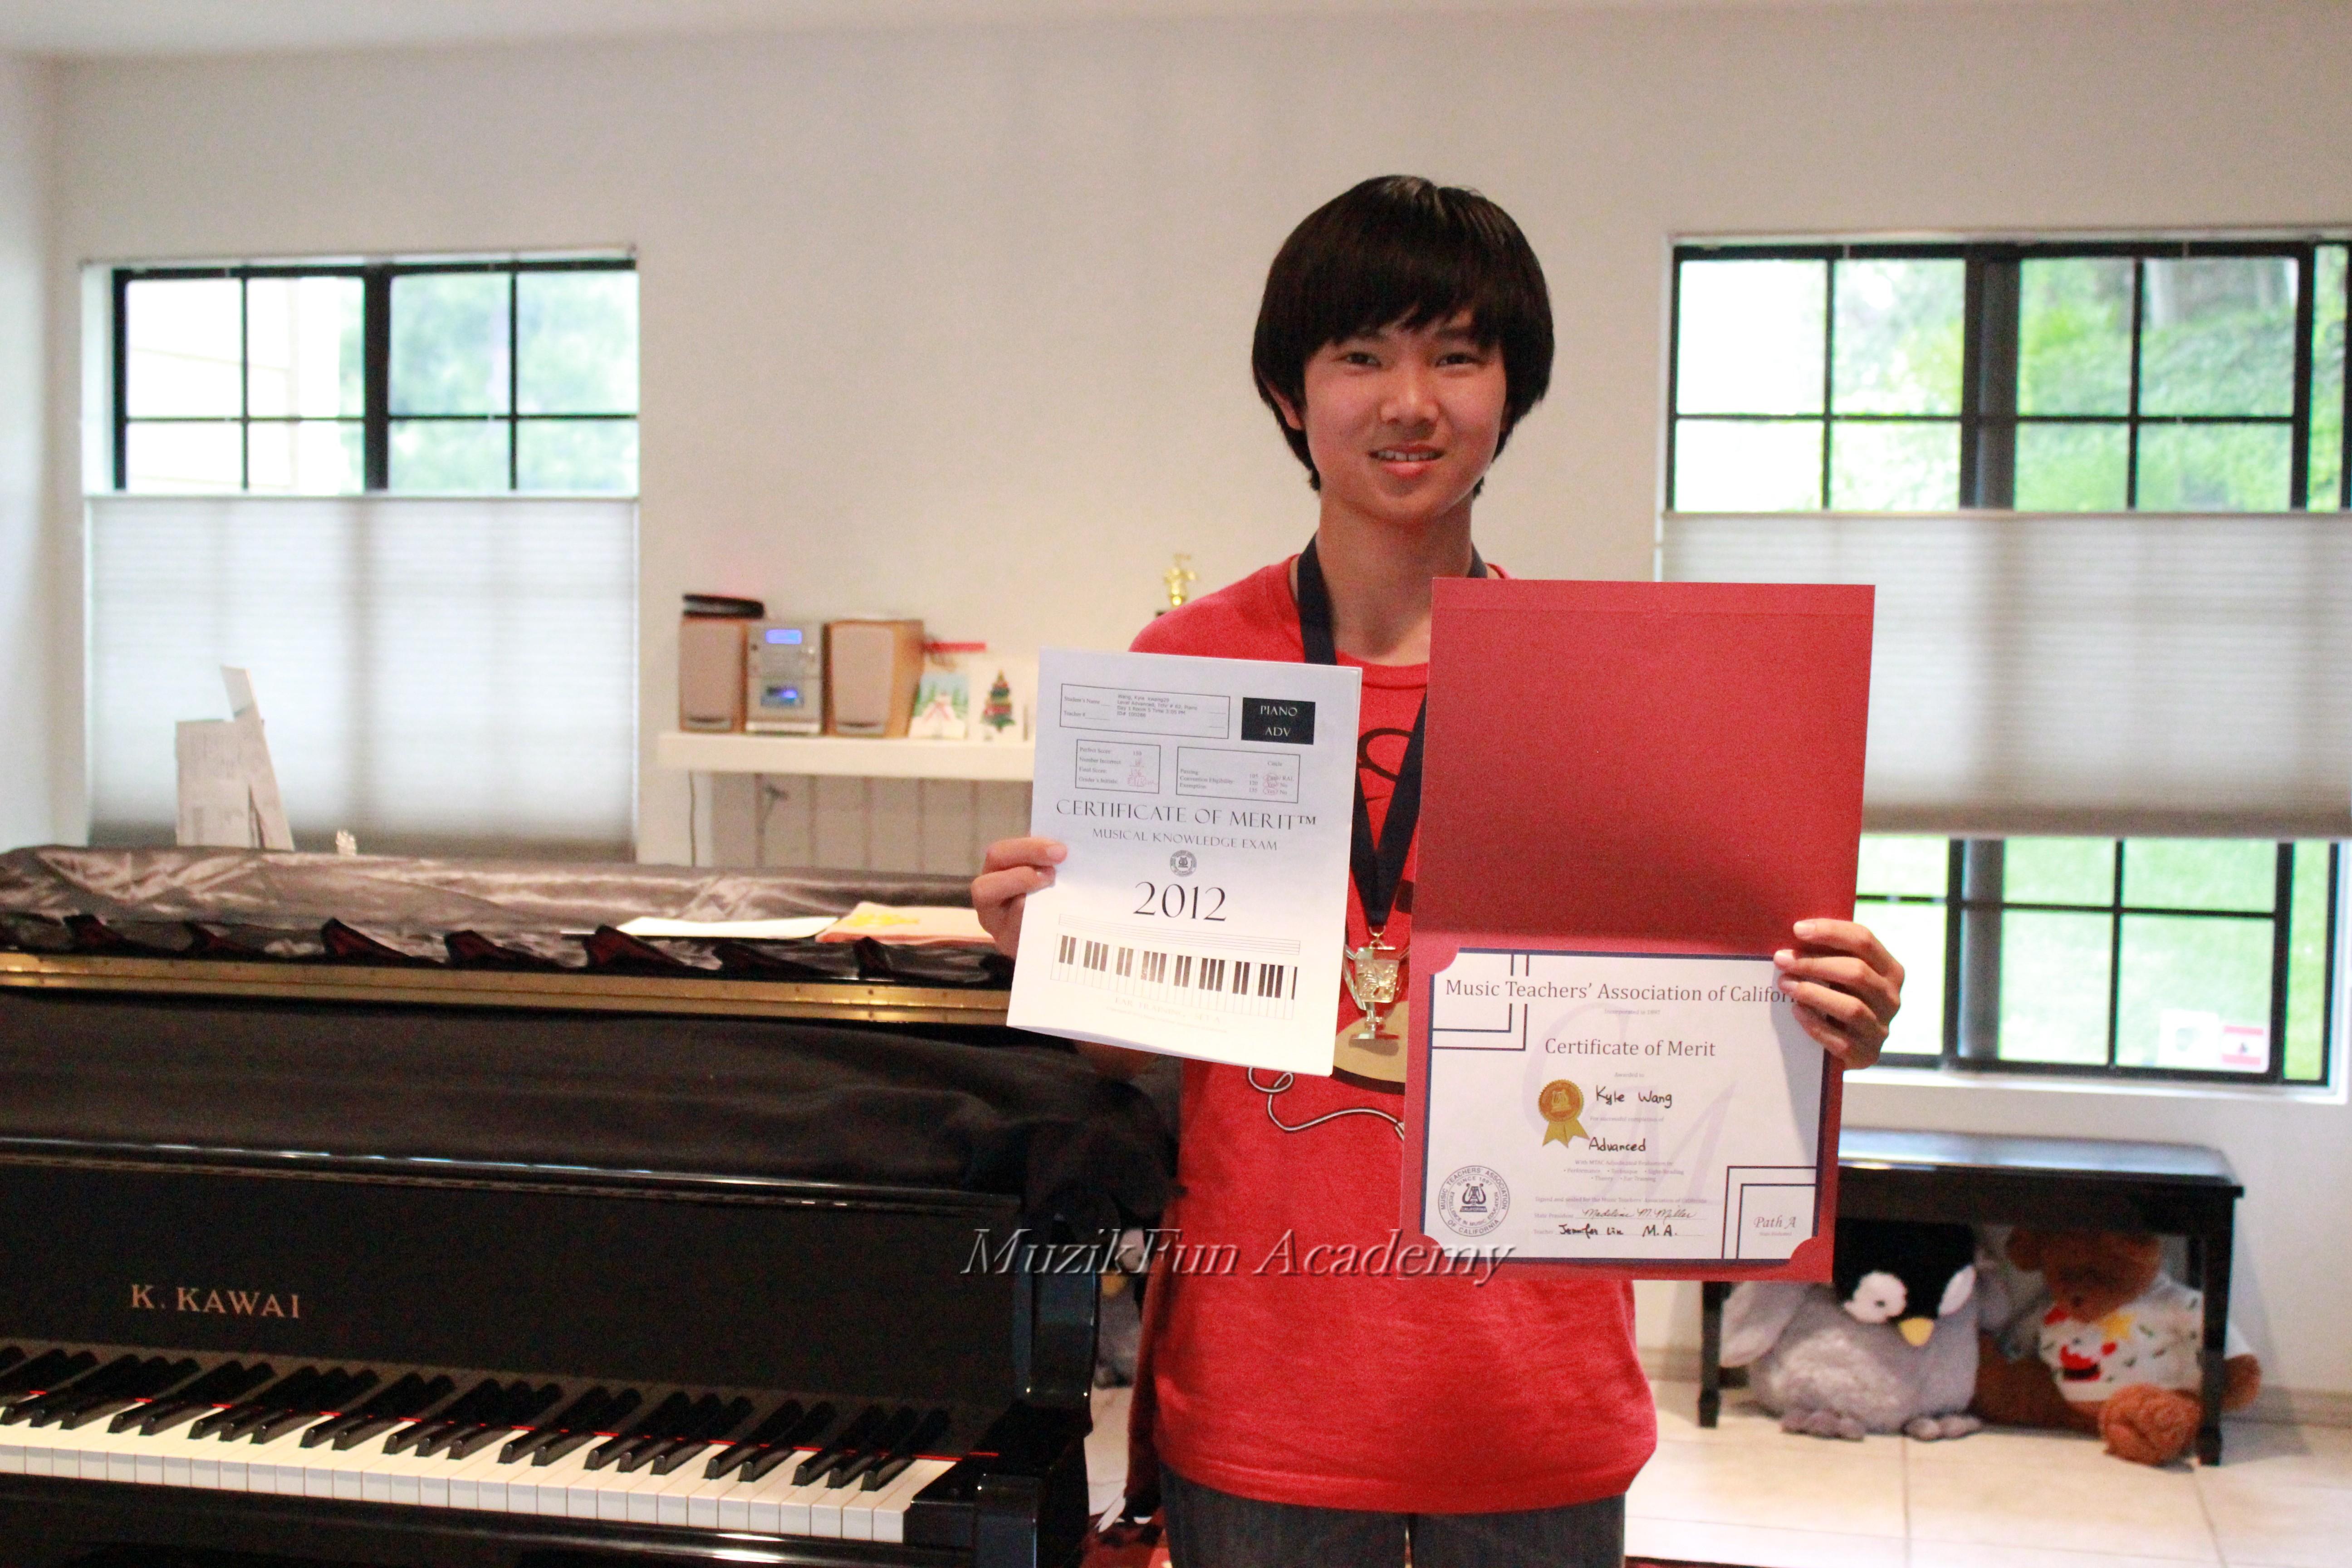 Certificate of merit cm muzikfun education kyle wang xflitez Images